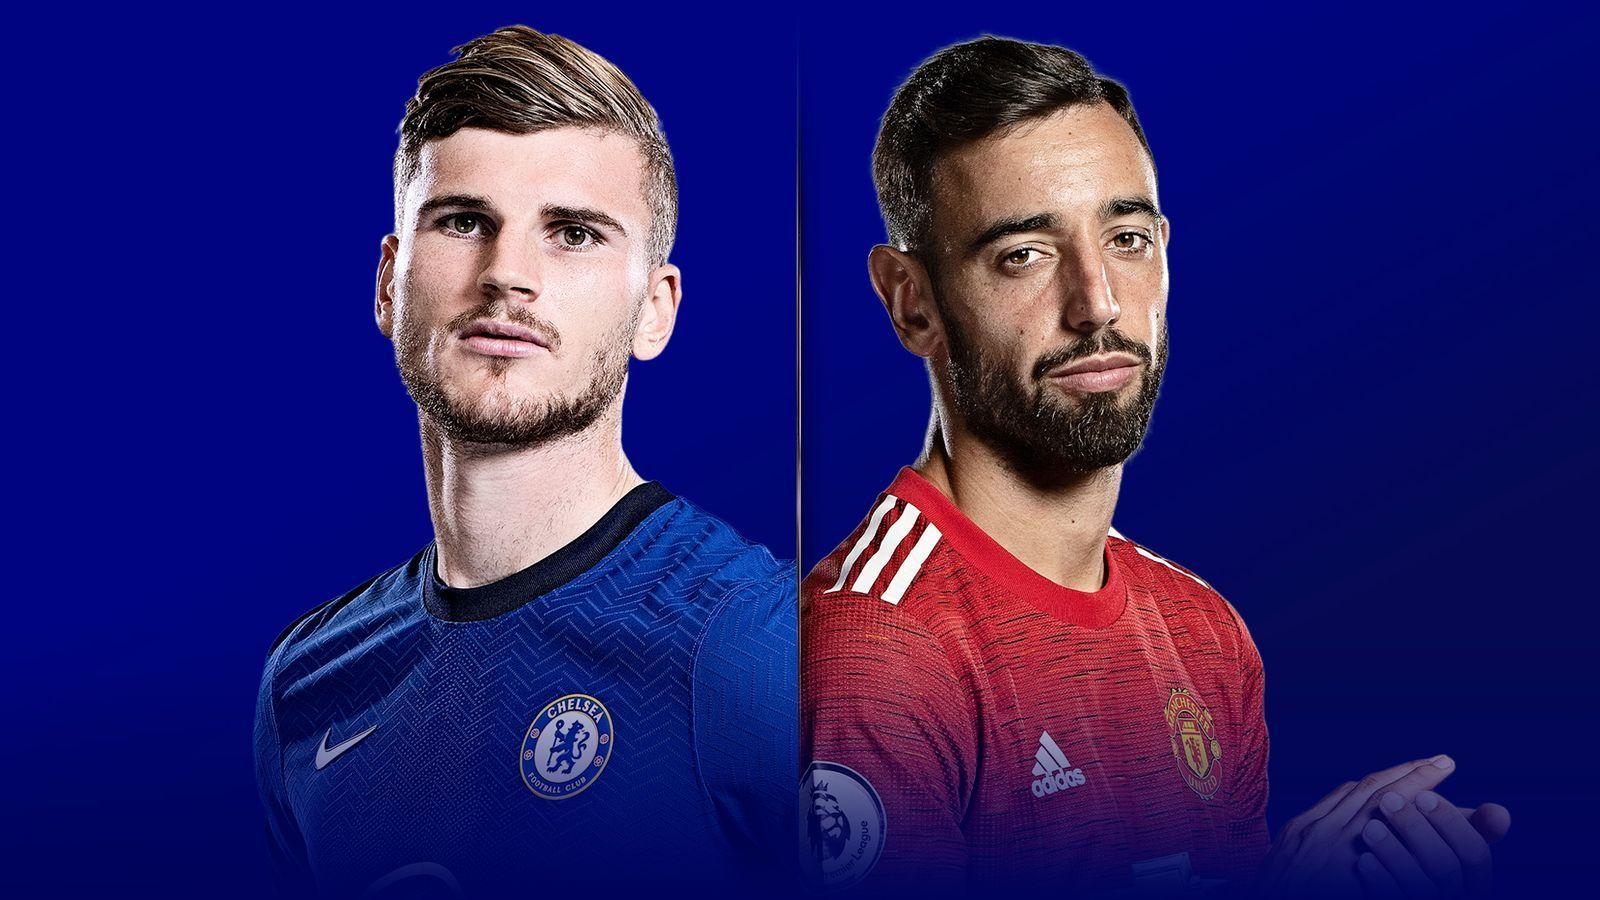 Nhận định Chelsea vs MU: Kỳ phùng địch thủ